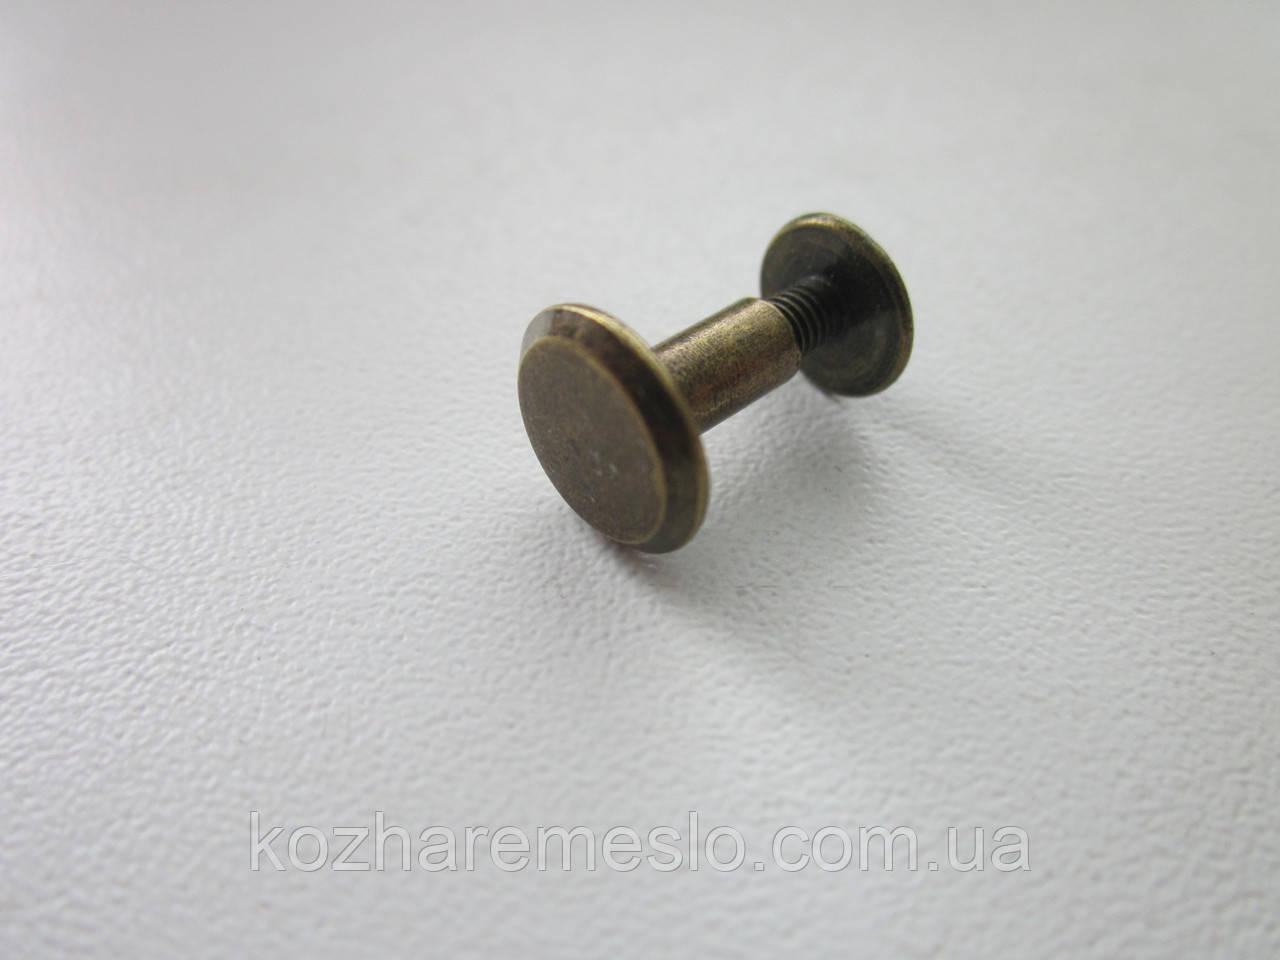 Винт ременной 10 х 8 мм антик